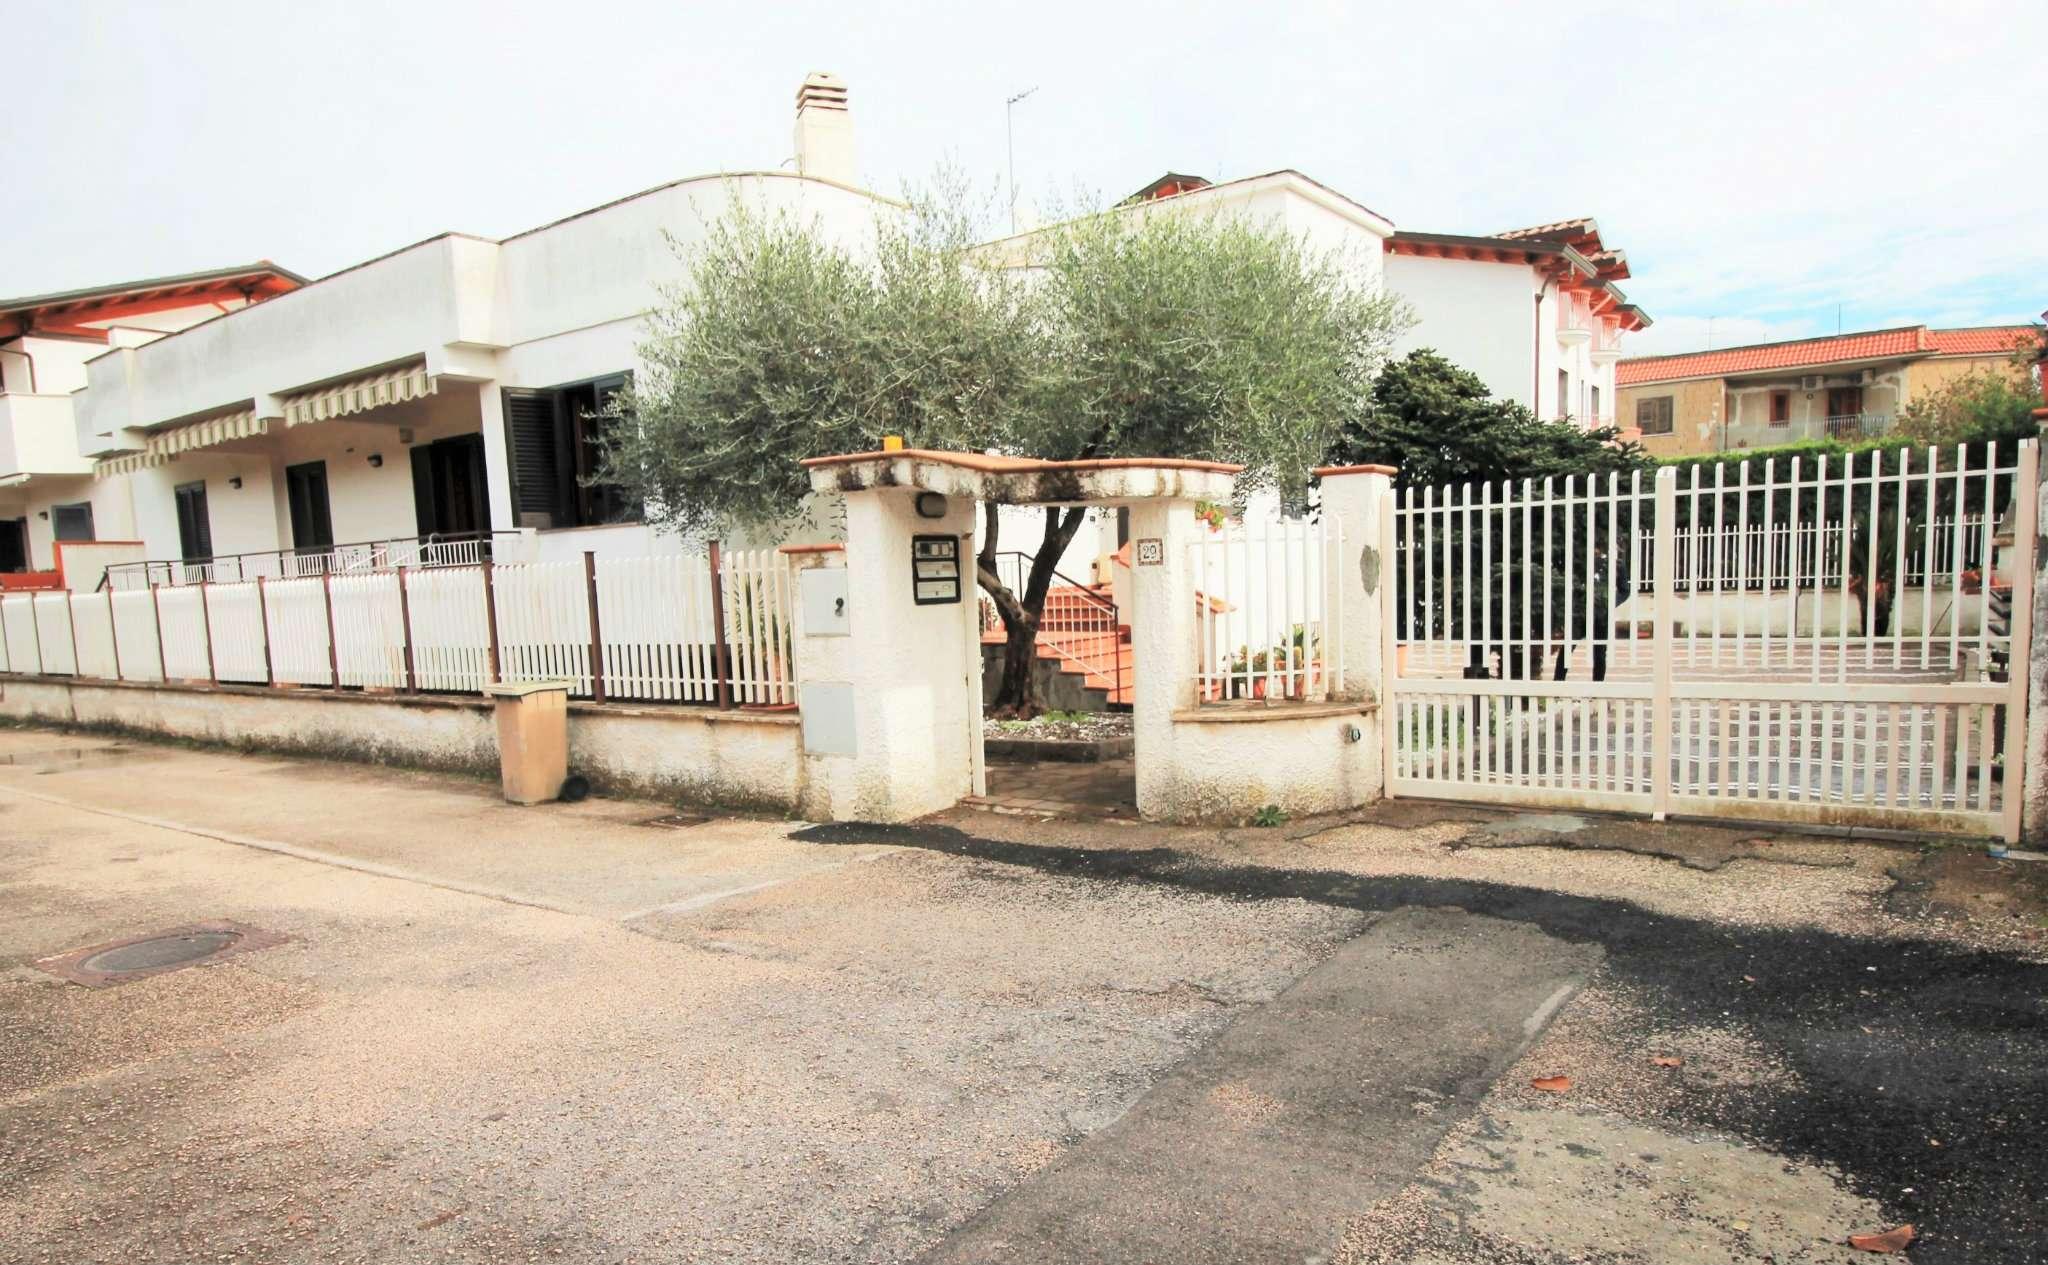 Villa in vendita a Saviano, 7 locali, prezzo € 350.000 | CambioCasa.it